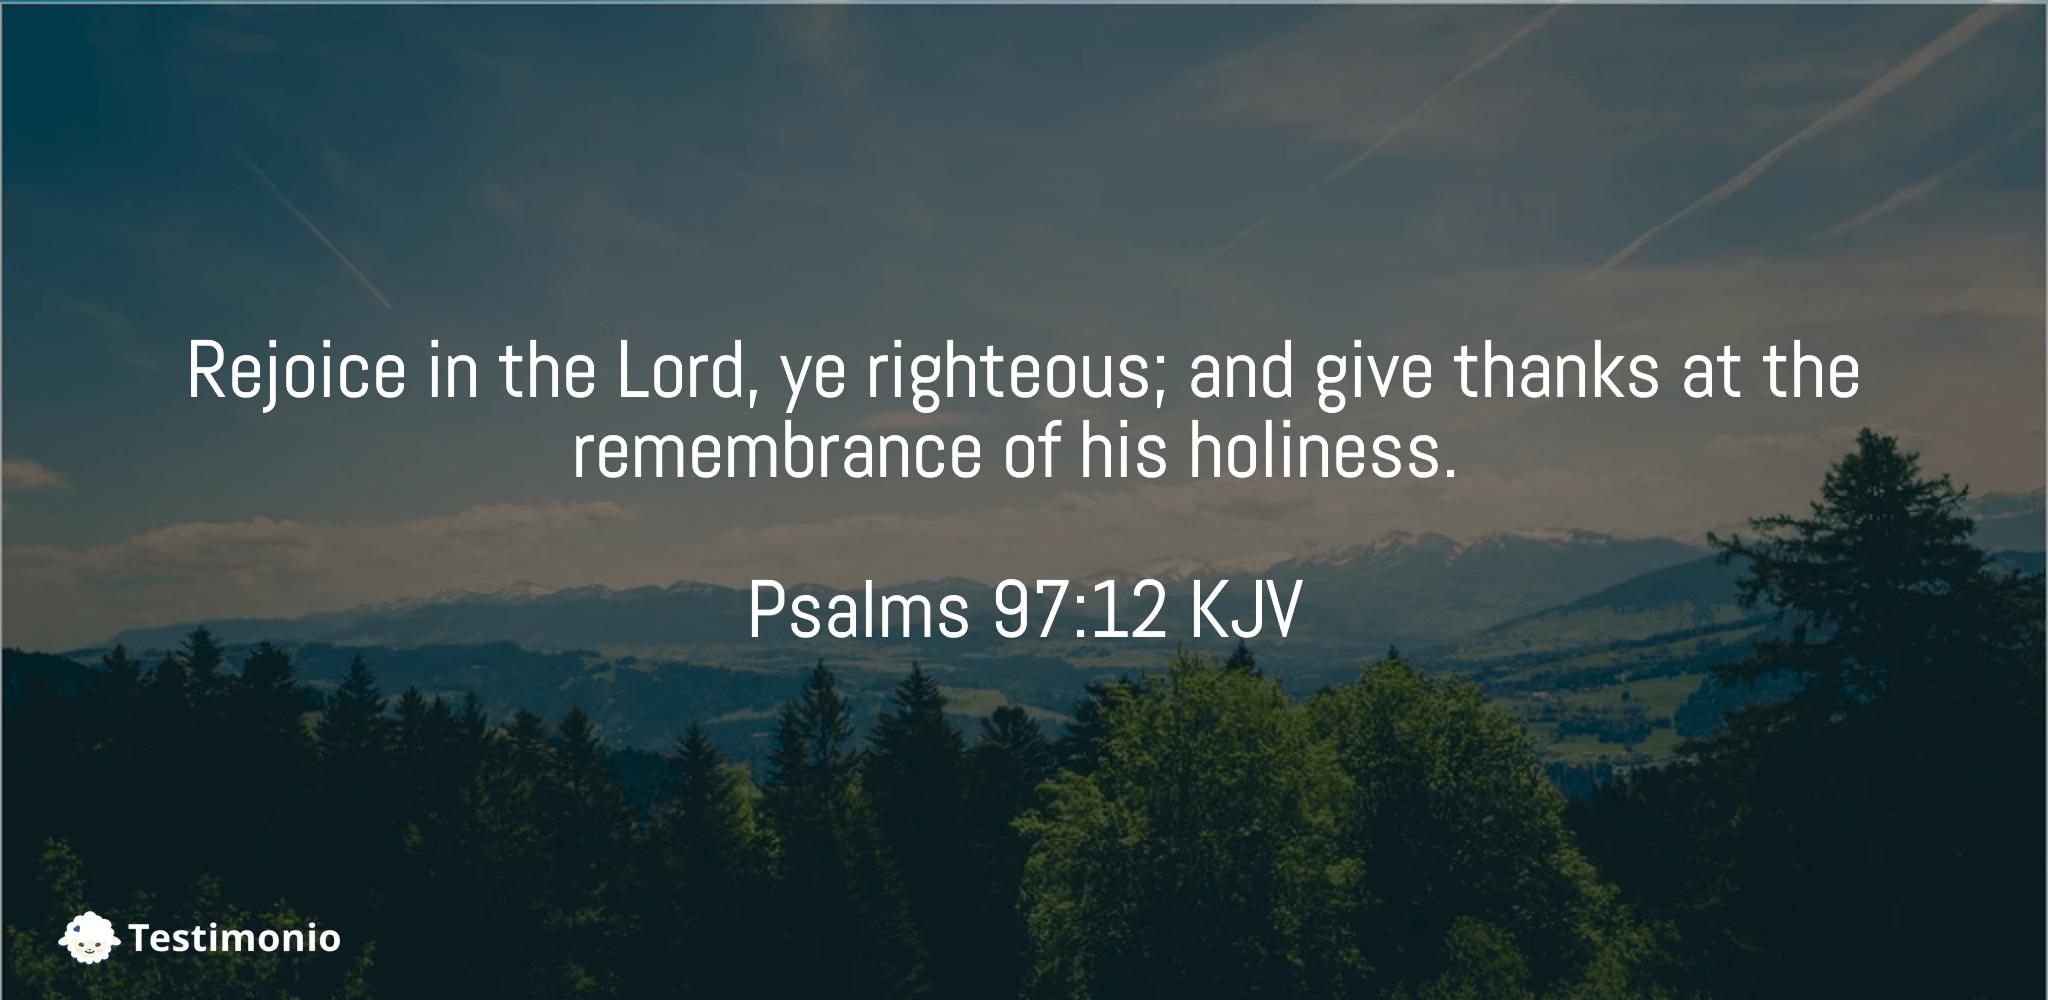 Psalms 97:12